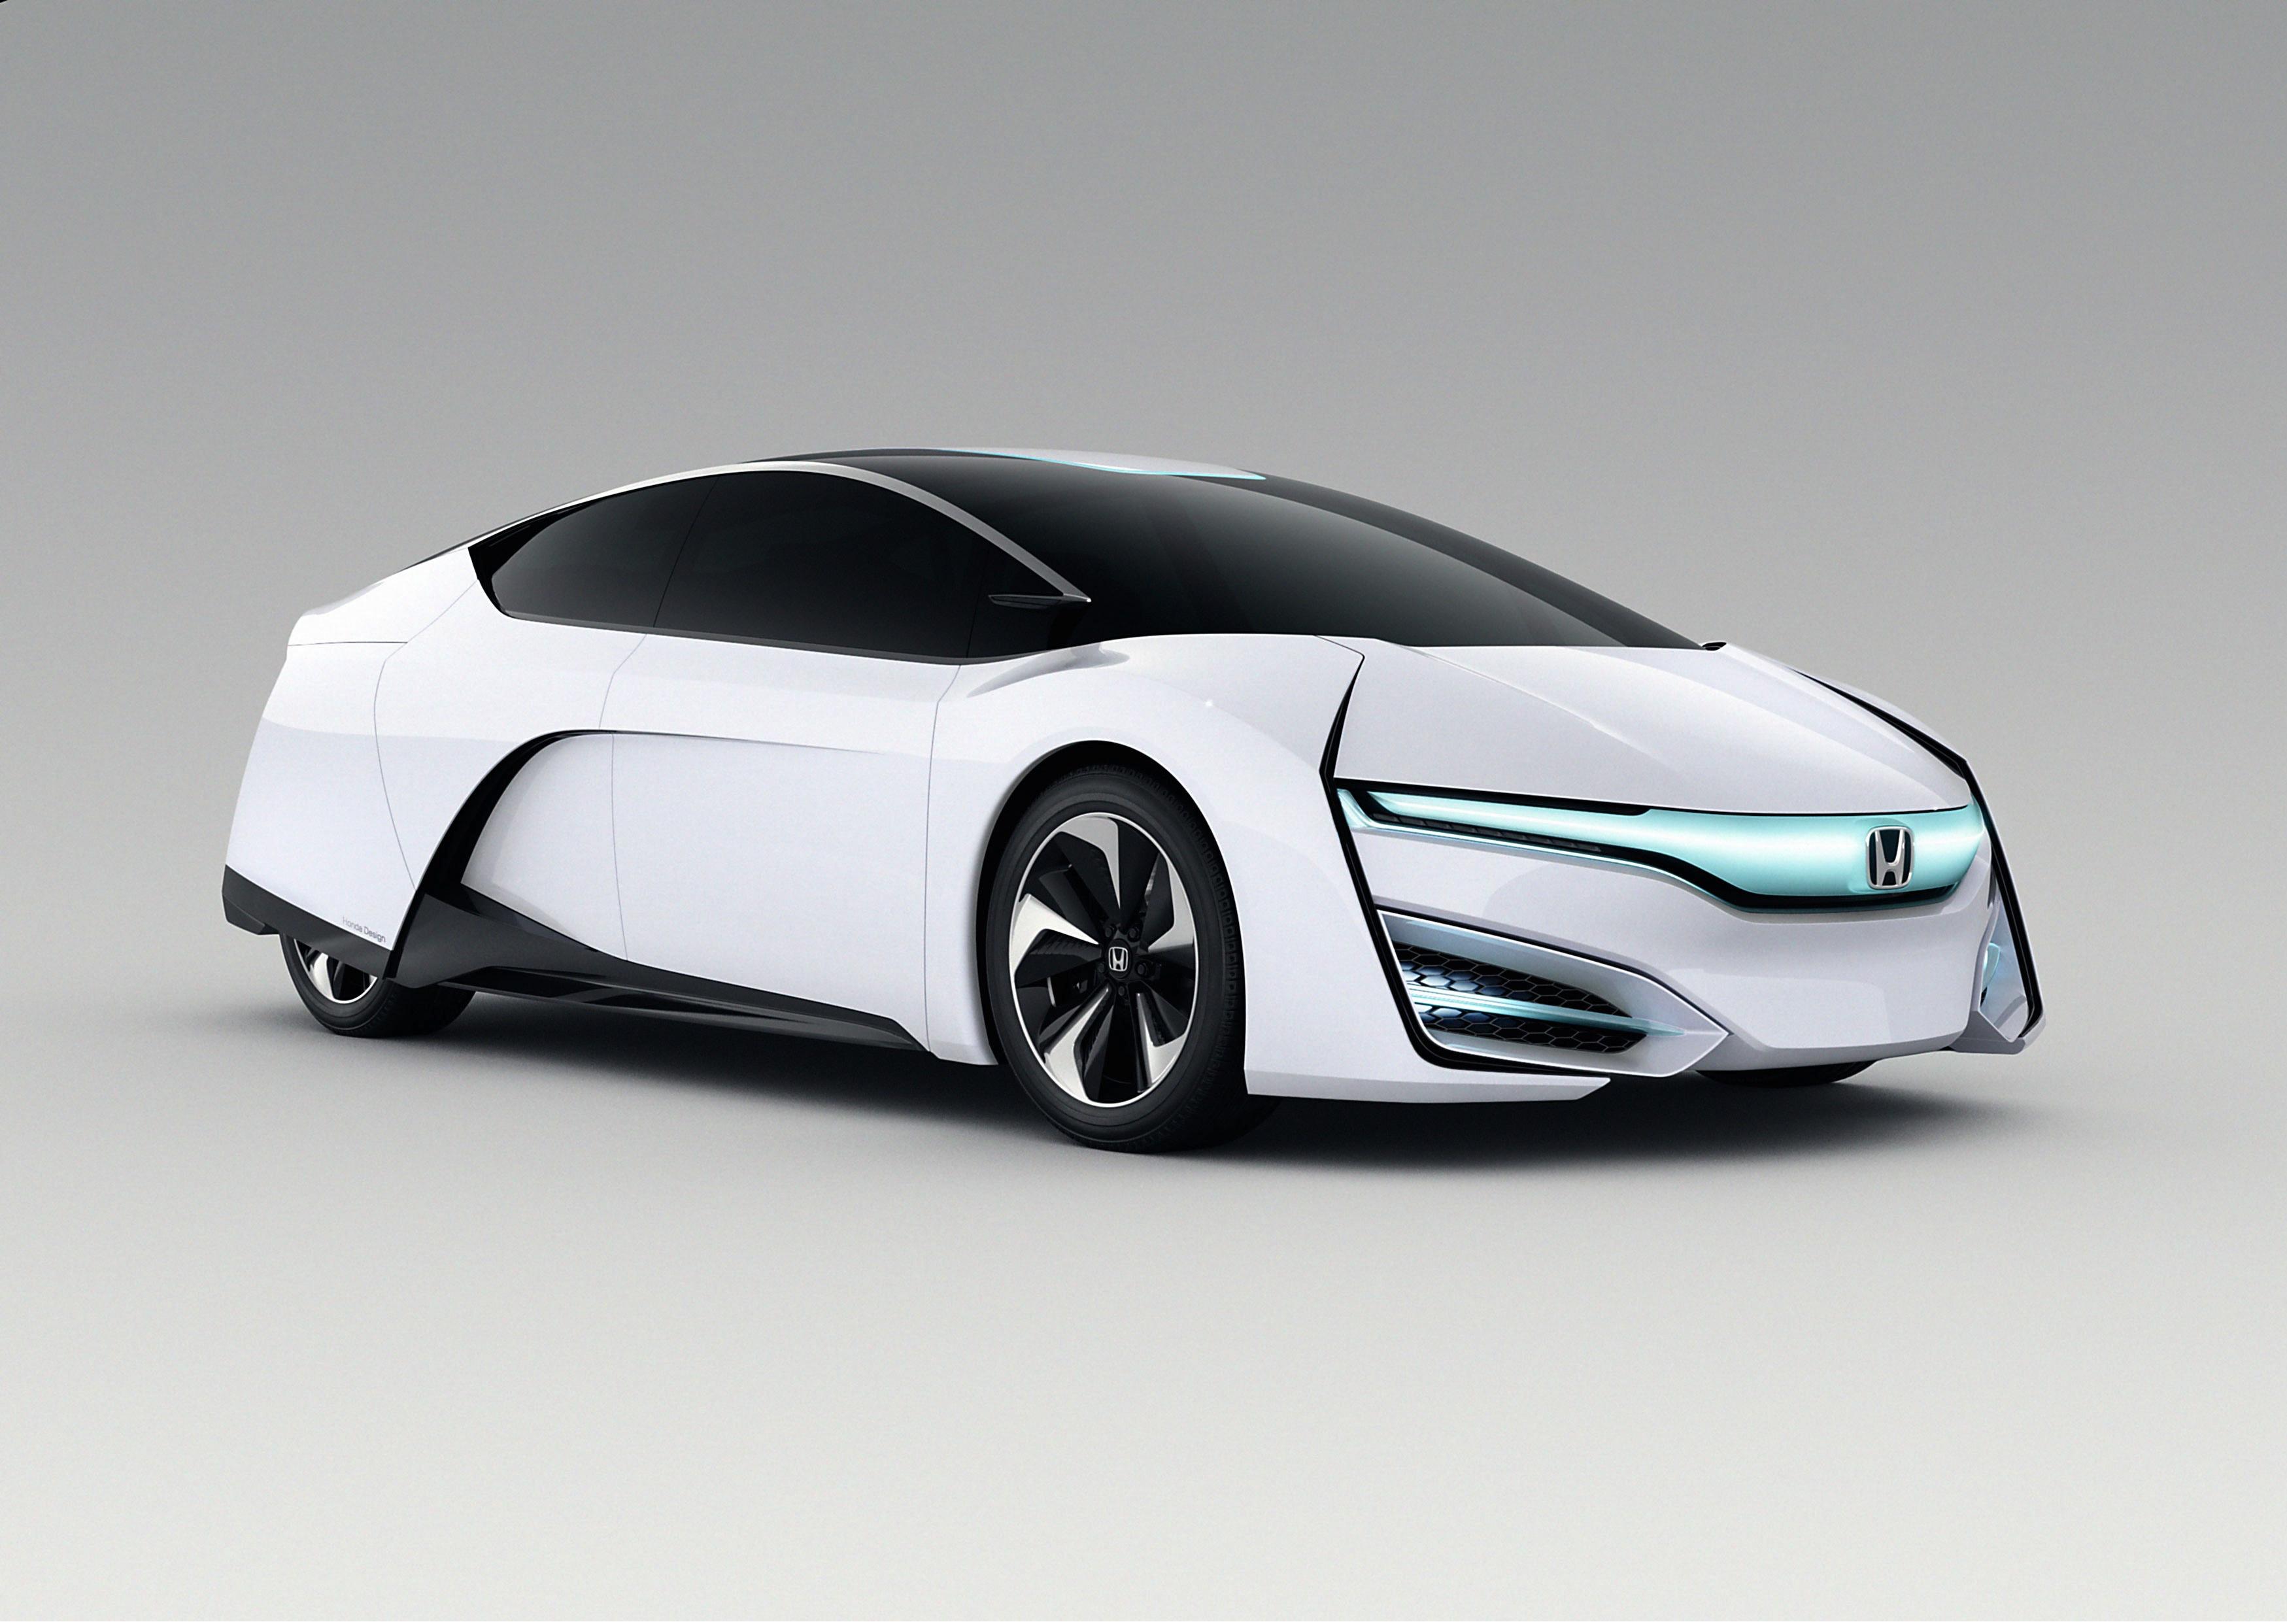 Bränslecellsbilar är framtiden, tror Tysklands regering.